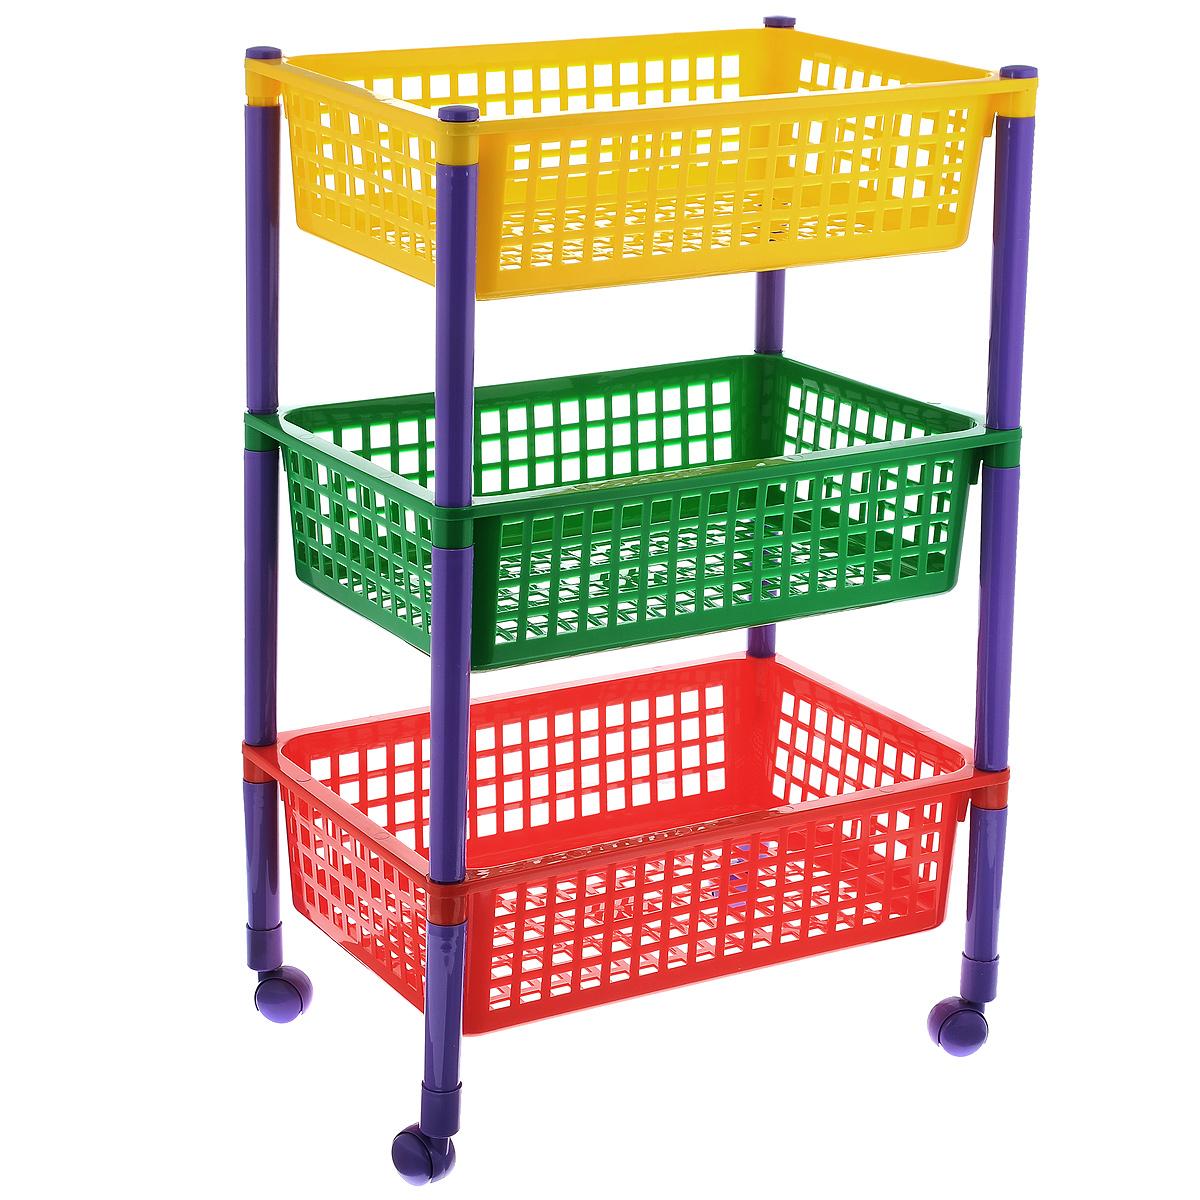 Контейнер для игрушек Малыш, 3-х секционный, на колесиках, 44 x 31 x 70 смRG-D31SКонтейнер Малыш, выполненный из высококачественного пластика, предназначен для хранения игрушек. Контейнер состоит из трех перфорированных секций разного цвета. Вместительные полки позволят компактно хранить детские игрушки, а также защитят их от пыли, грязи и влаги. Контейнер оснащен колесиками, поэтому его очень легко двигать.Размер в сложенном виде: 44 см х 31 см х 20 см. Размер в собранном виде: 44 см x 31 см x 70 см. Размер корзинки: 44 см x 31 см x 12 см.